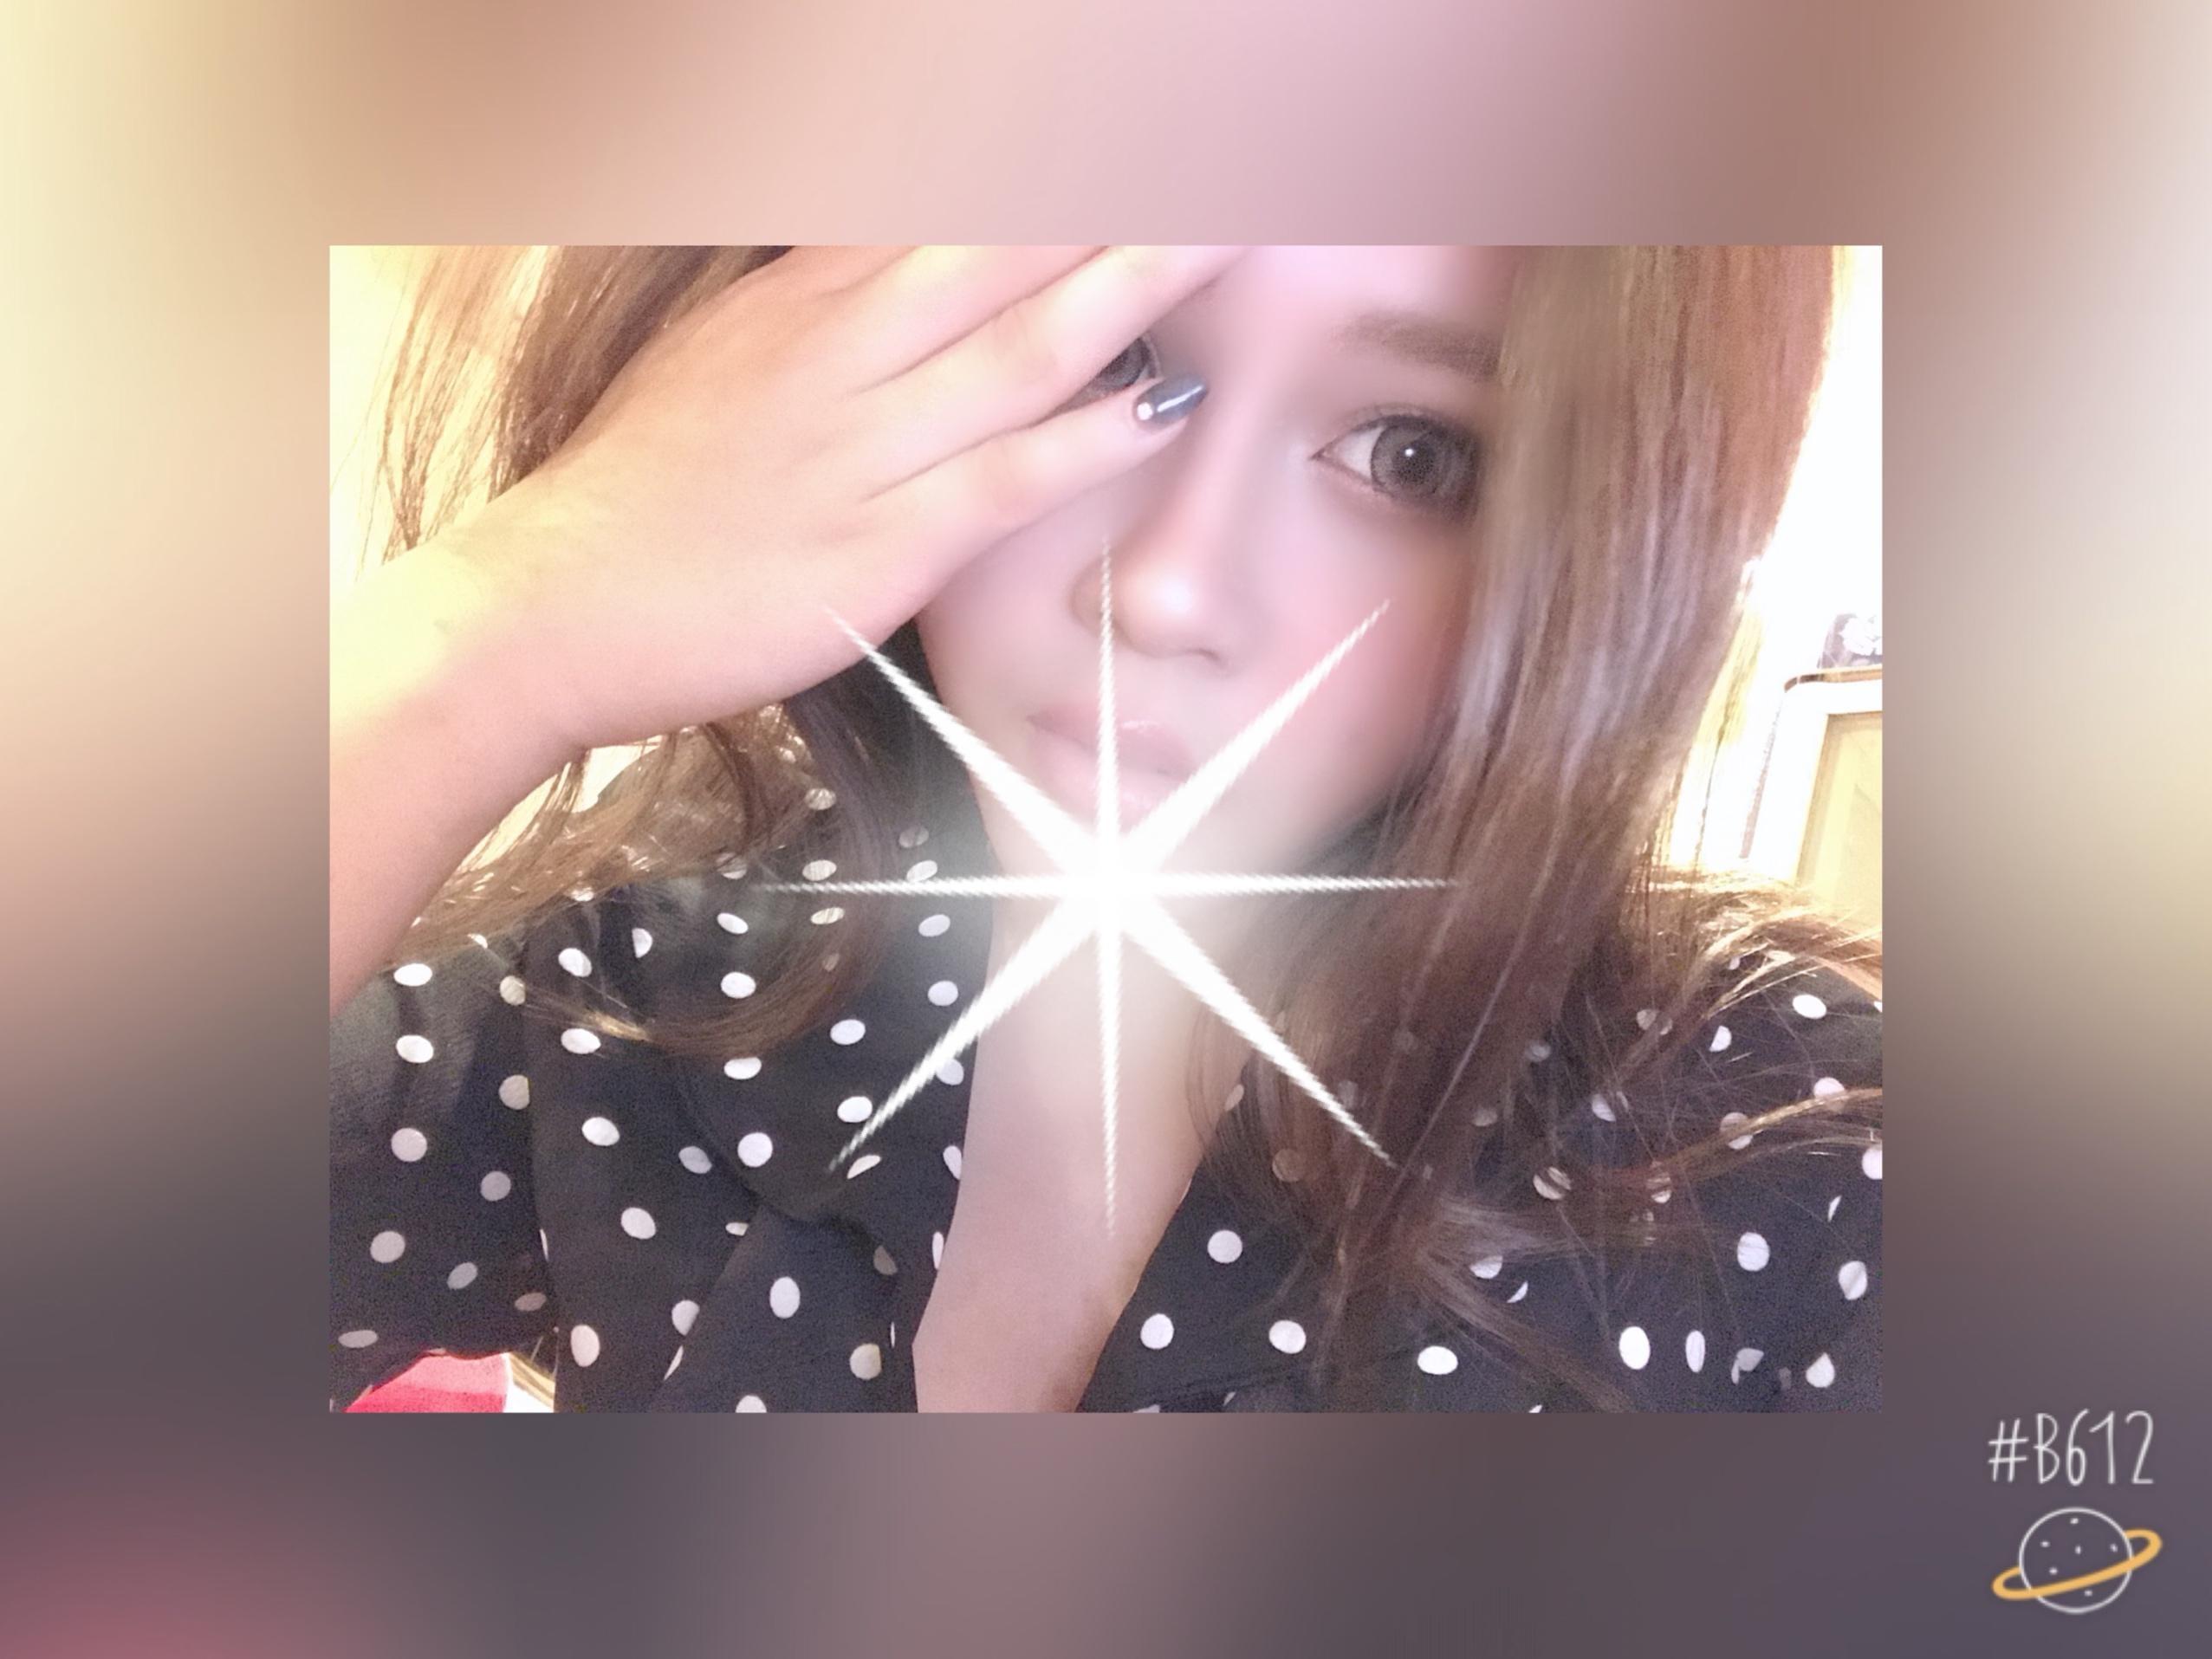 「こんばんは♡」11/04(11/04) 18:00   スズ ☆x2の写メ・風俗動画